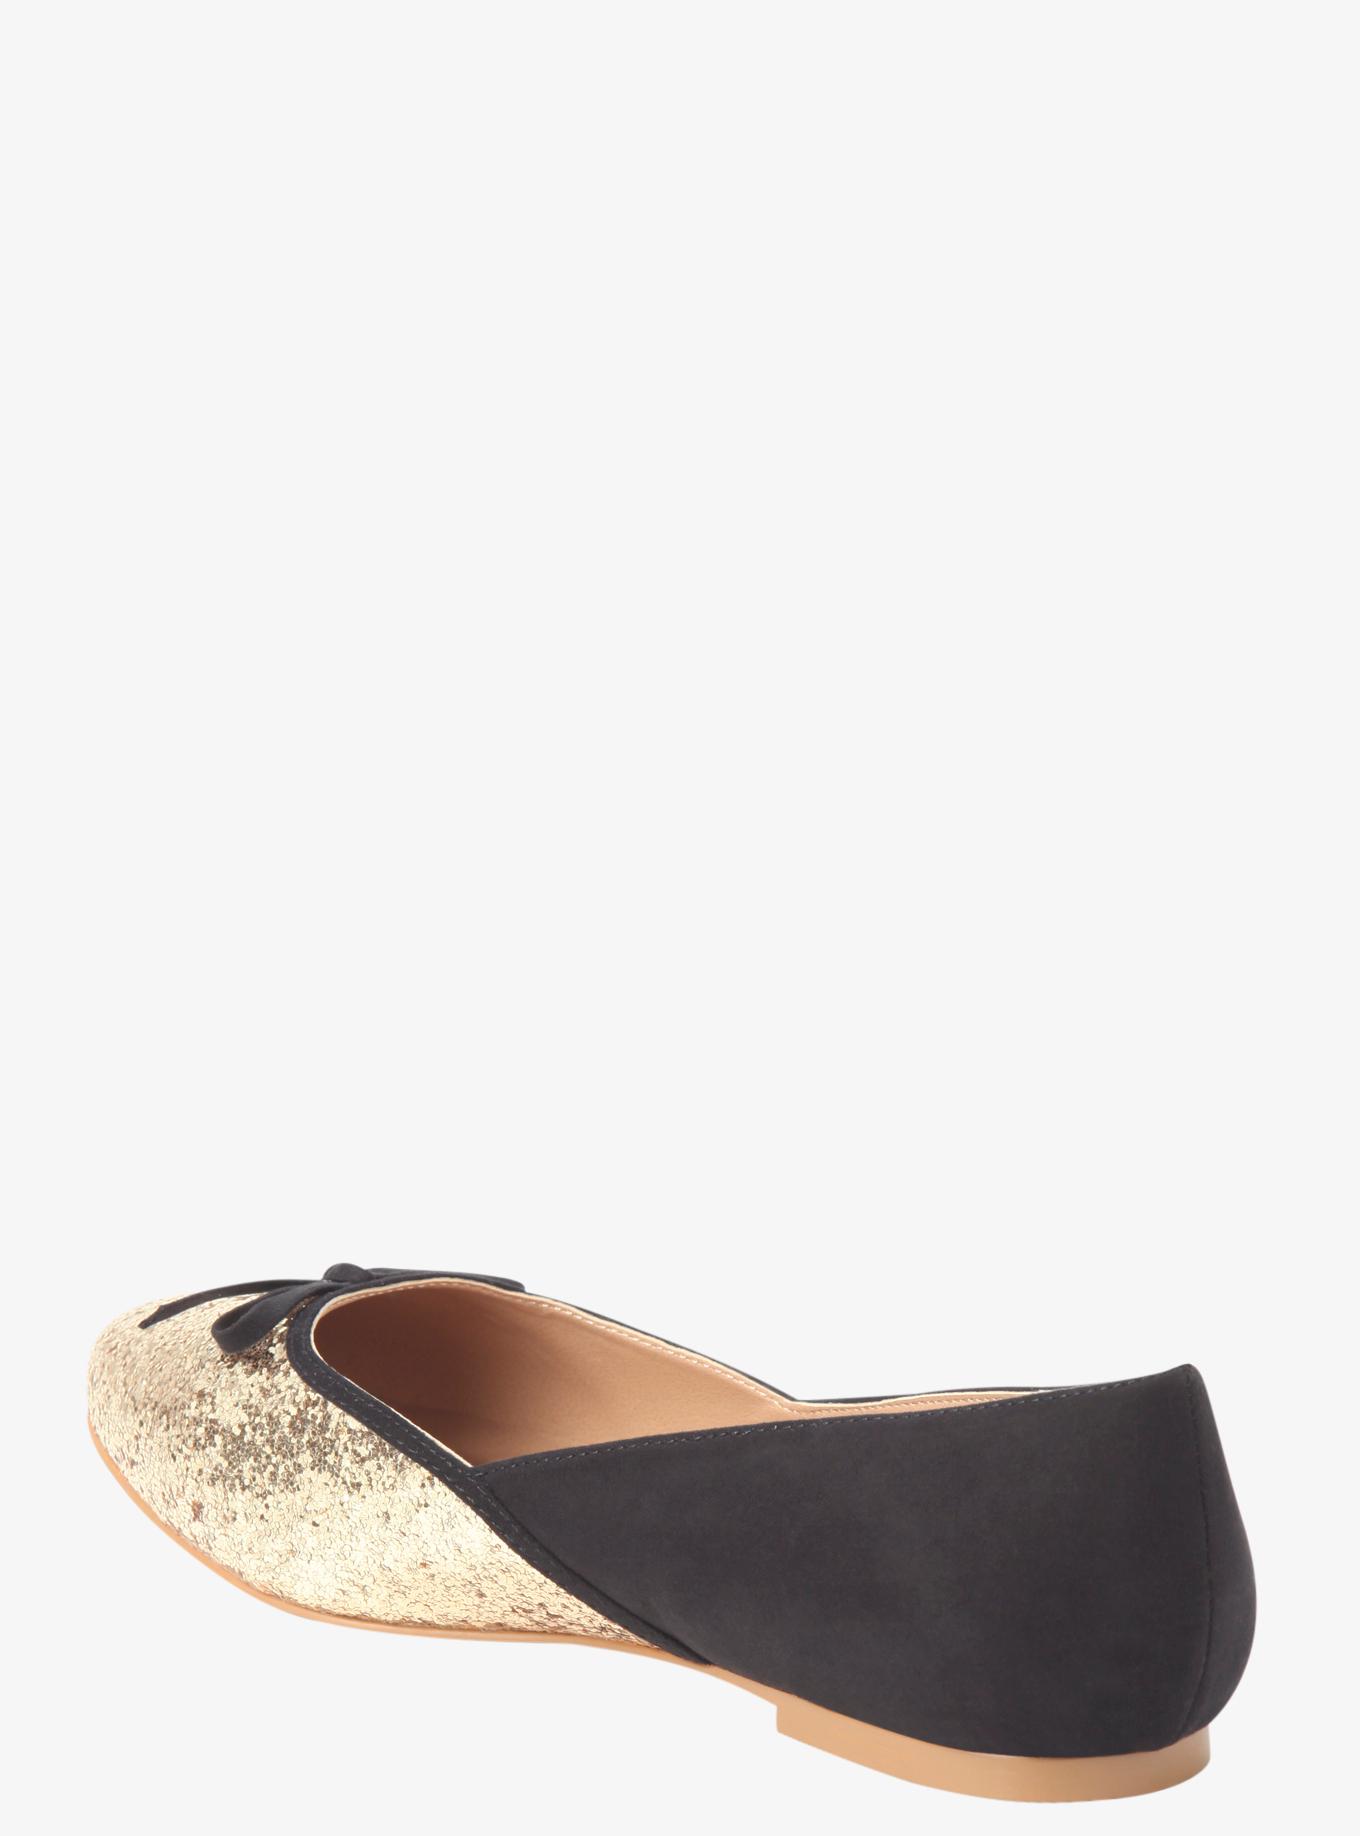 Glitter toe ballet flats (wide width)